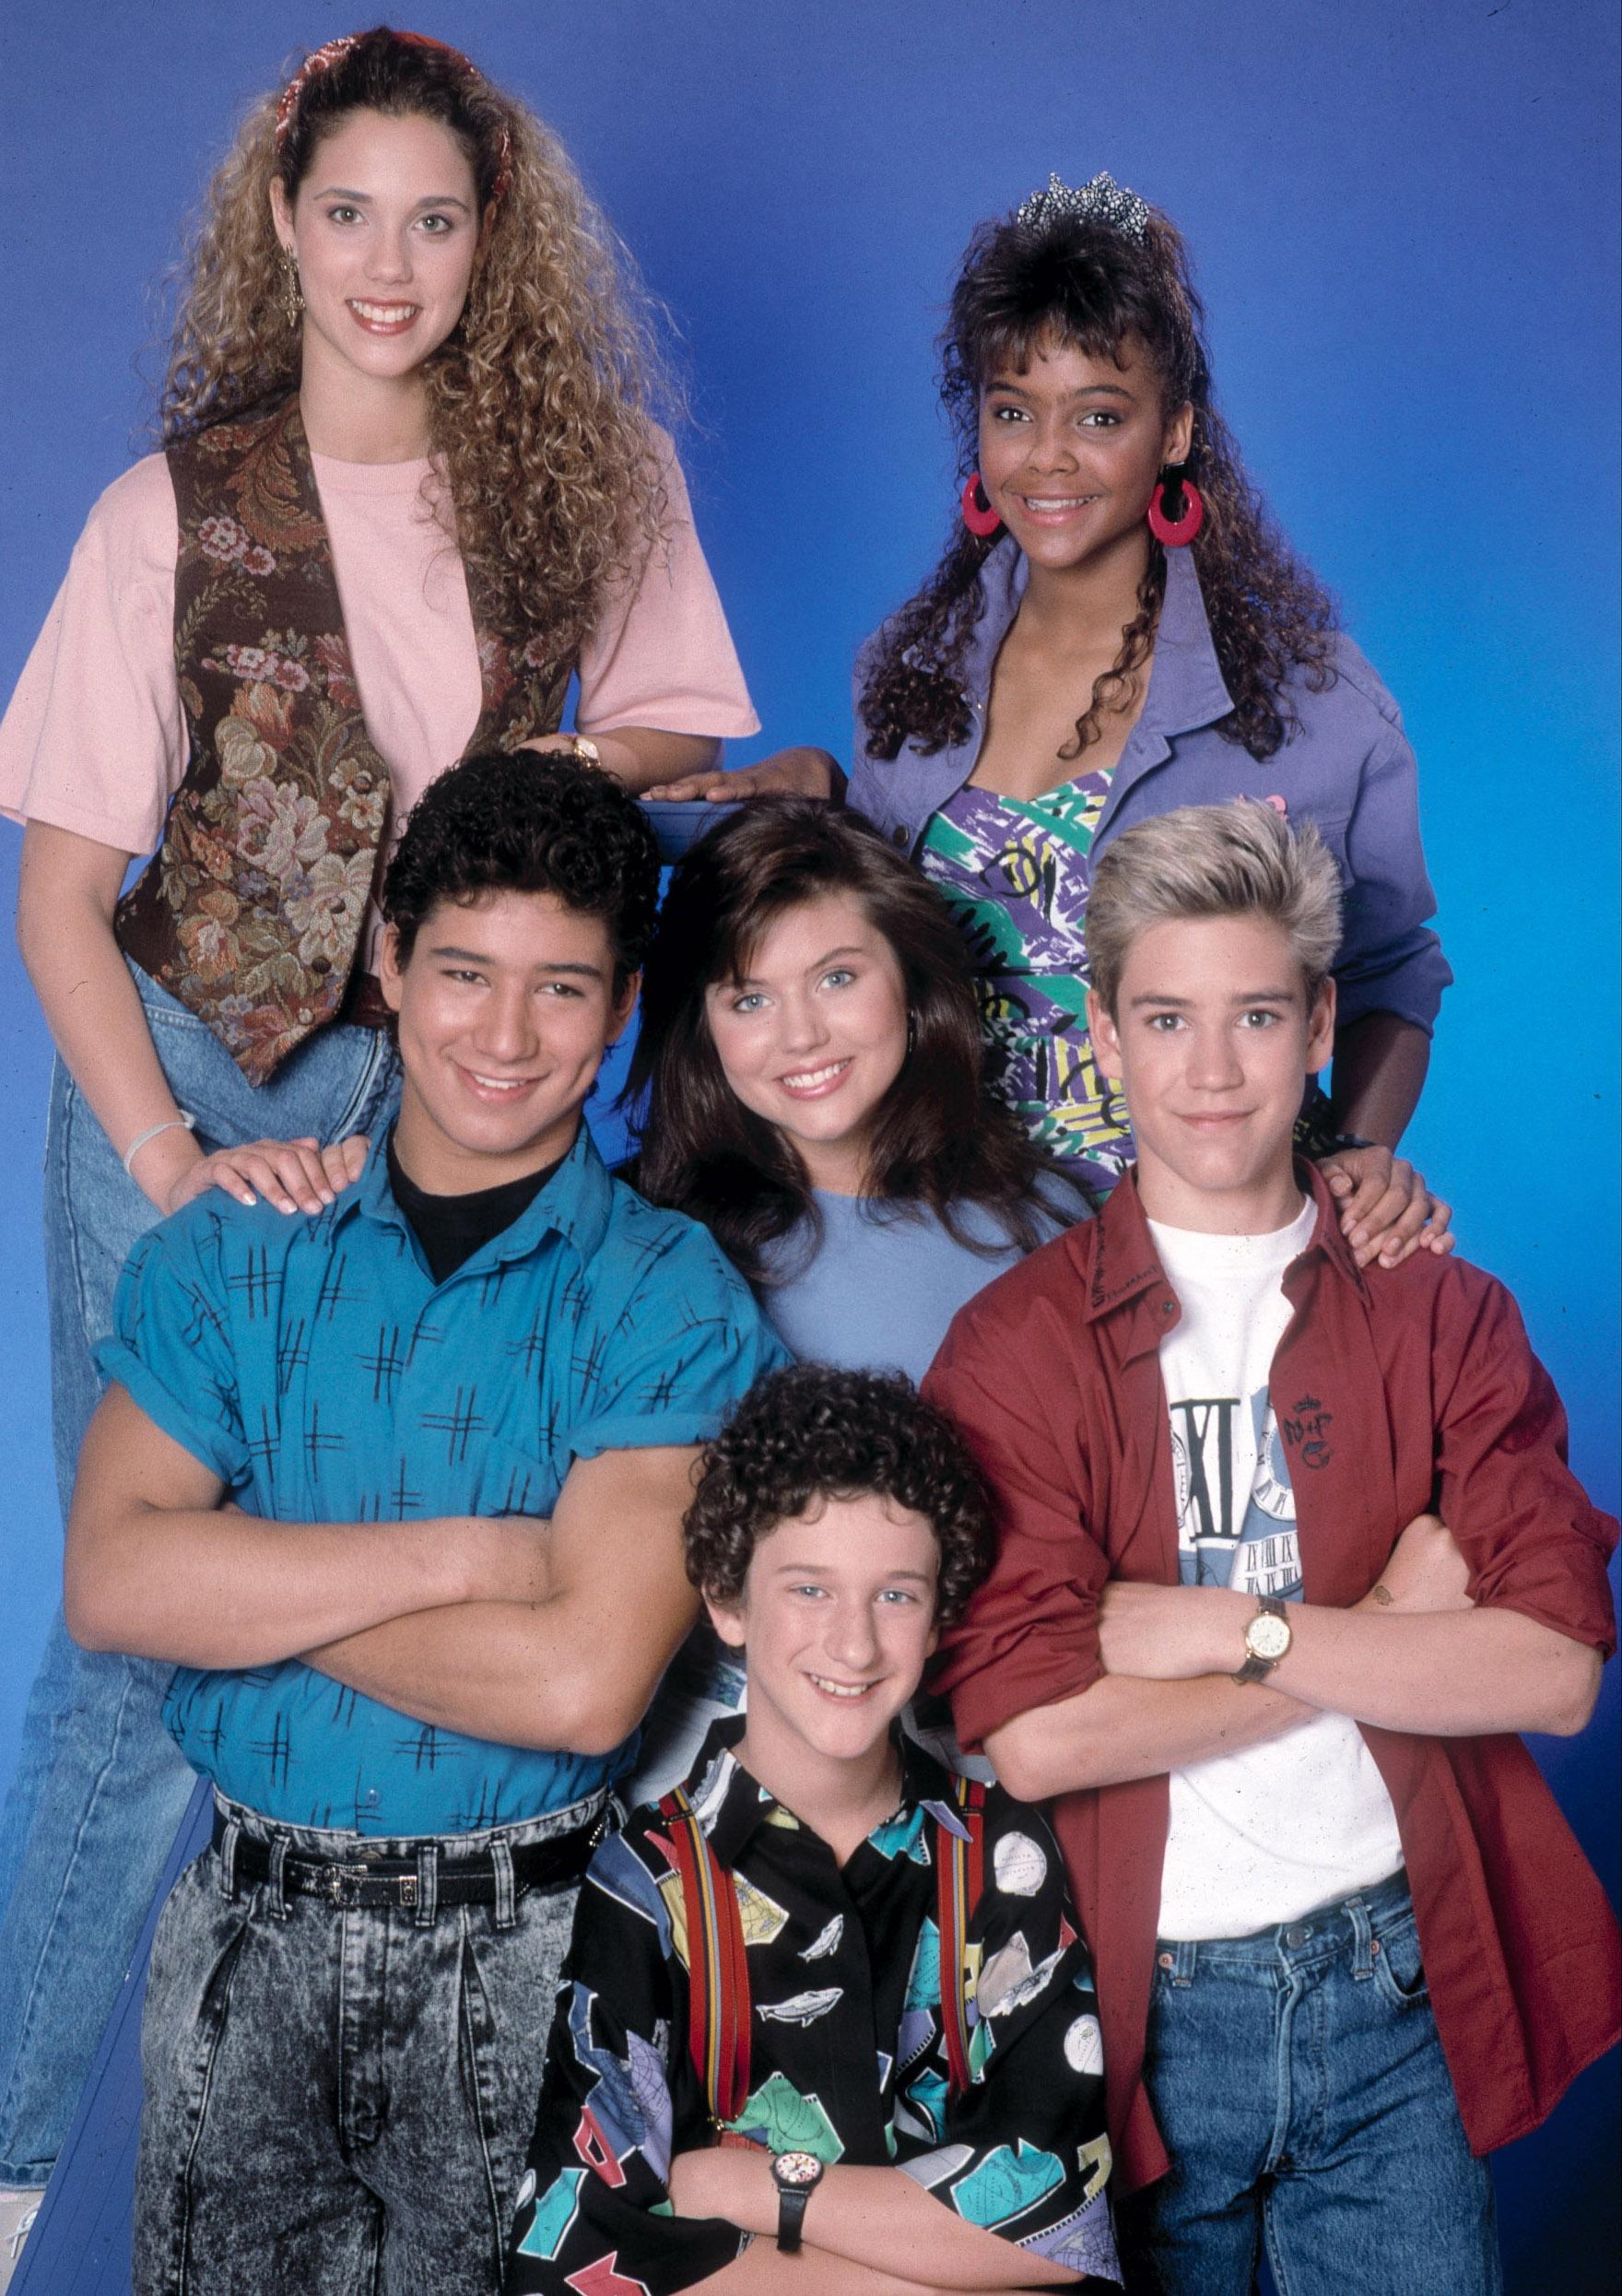 Zien: Zo ziet de cast van 'Saved by the Bell' er nu uit!